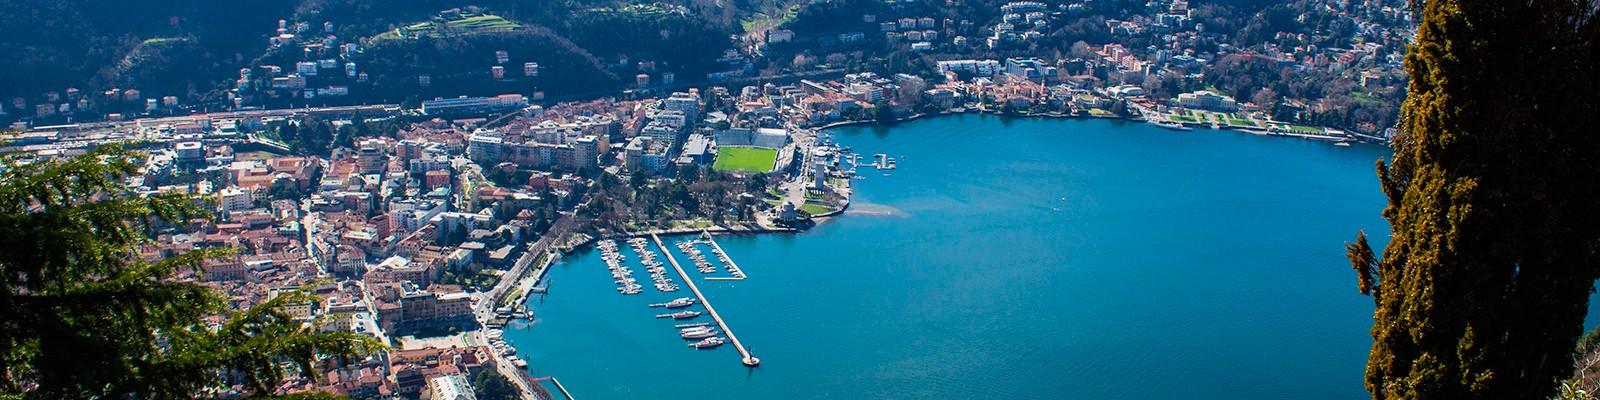 History of Lake Como